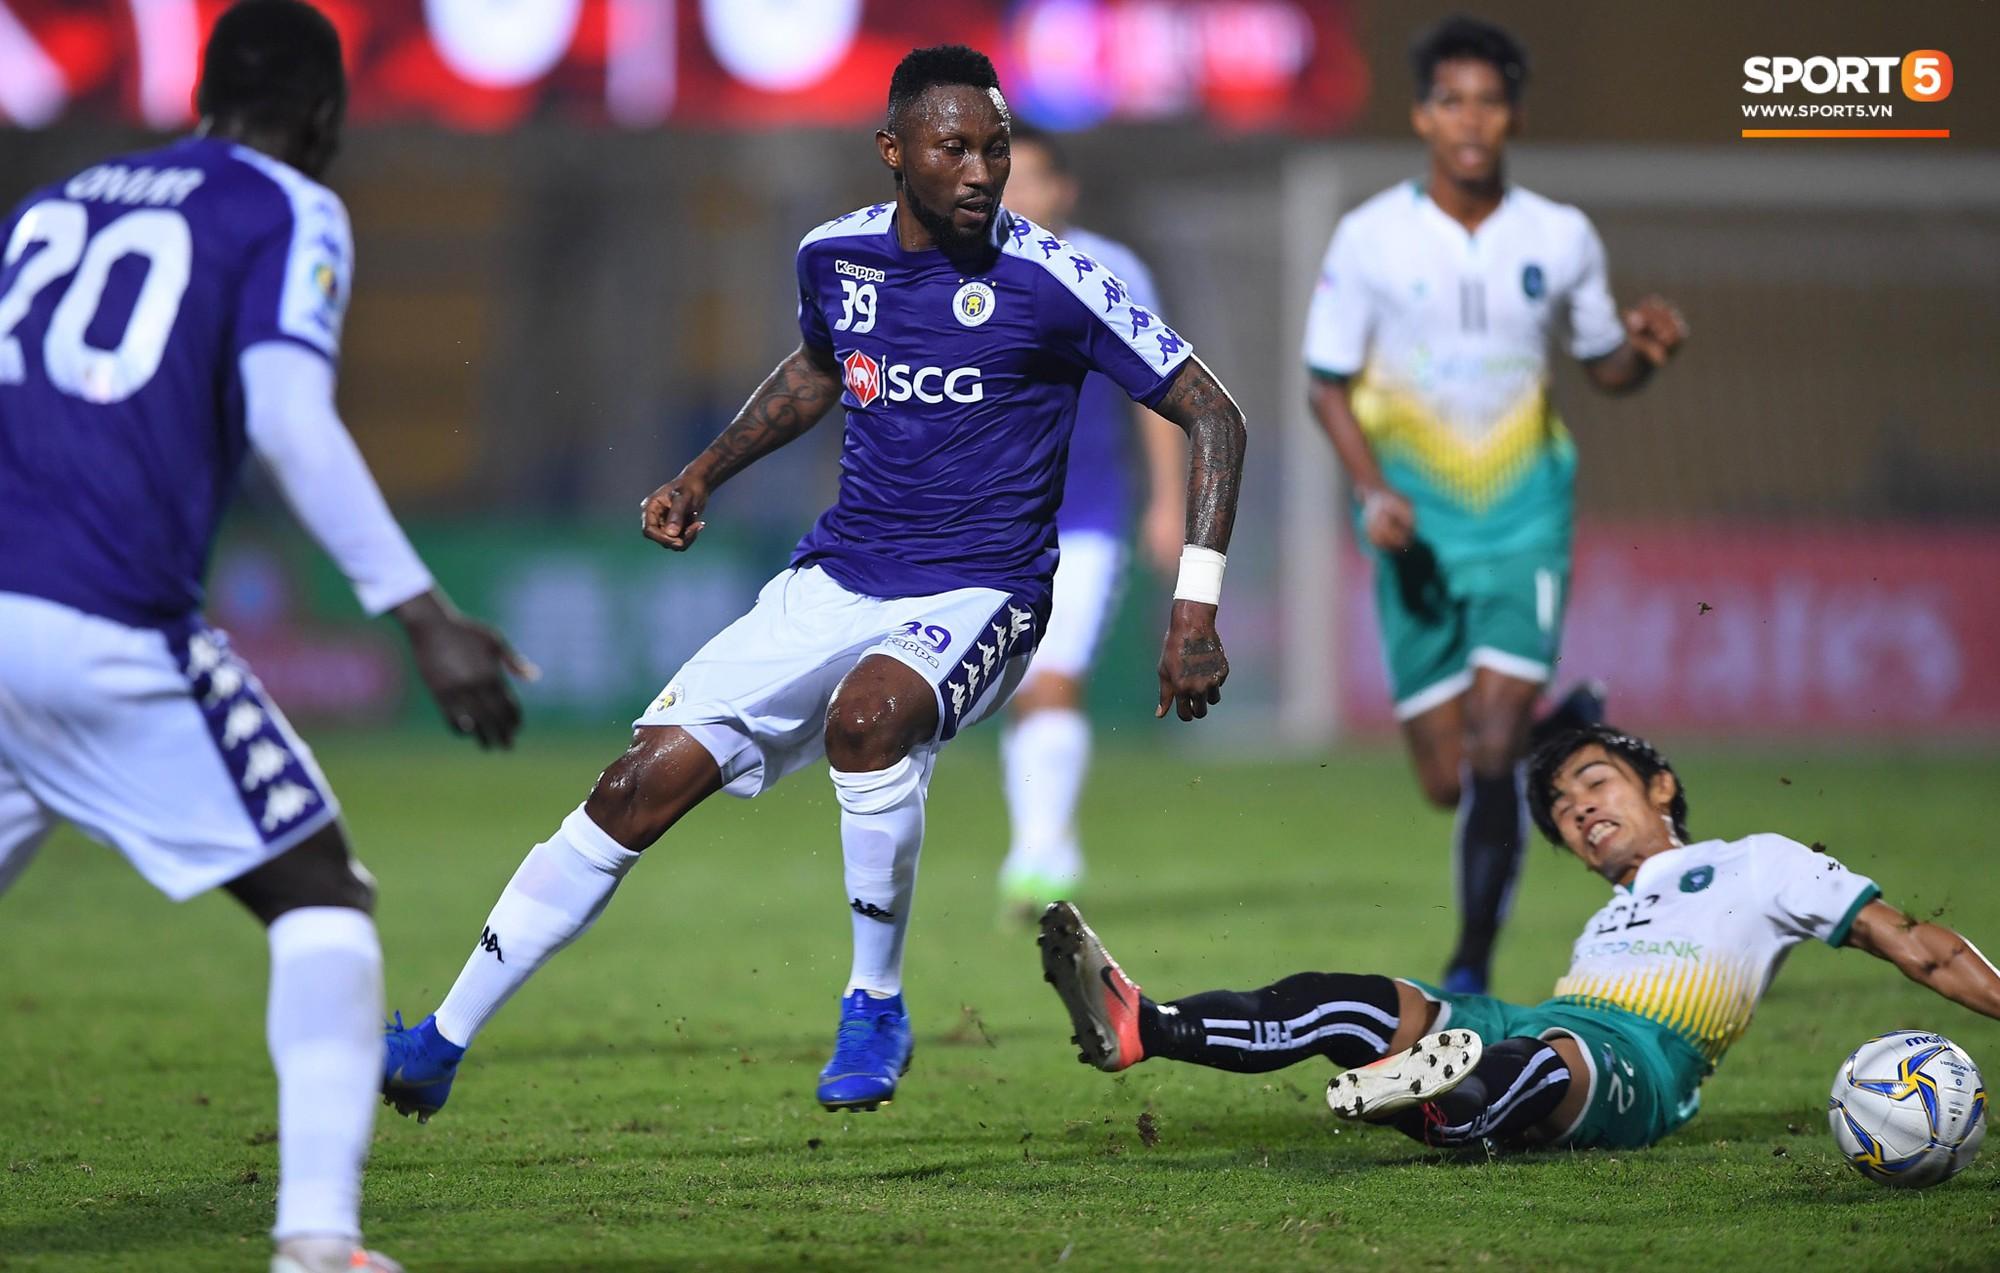 HLV Park Hang Seo, thủ môn Tiến Dũng phản ứng đầy cảm xúc khi Hà Nội FC thua ở AFC Cup 2019-9